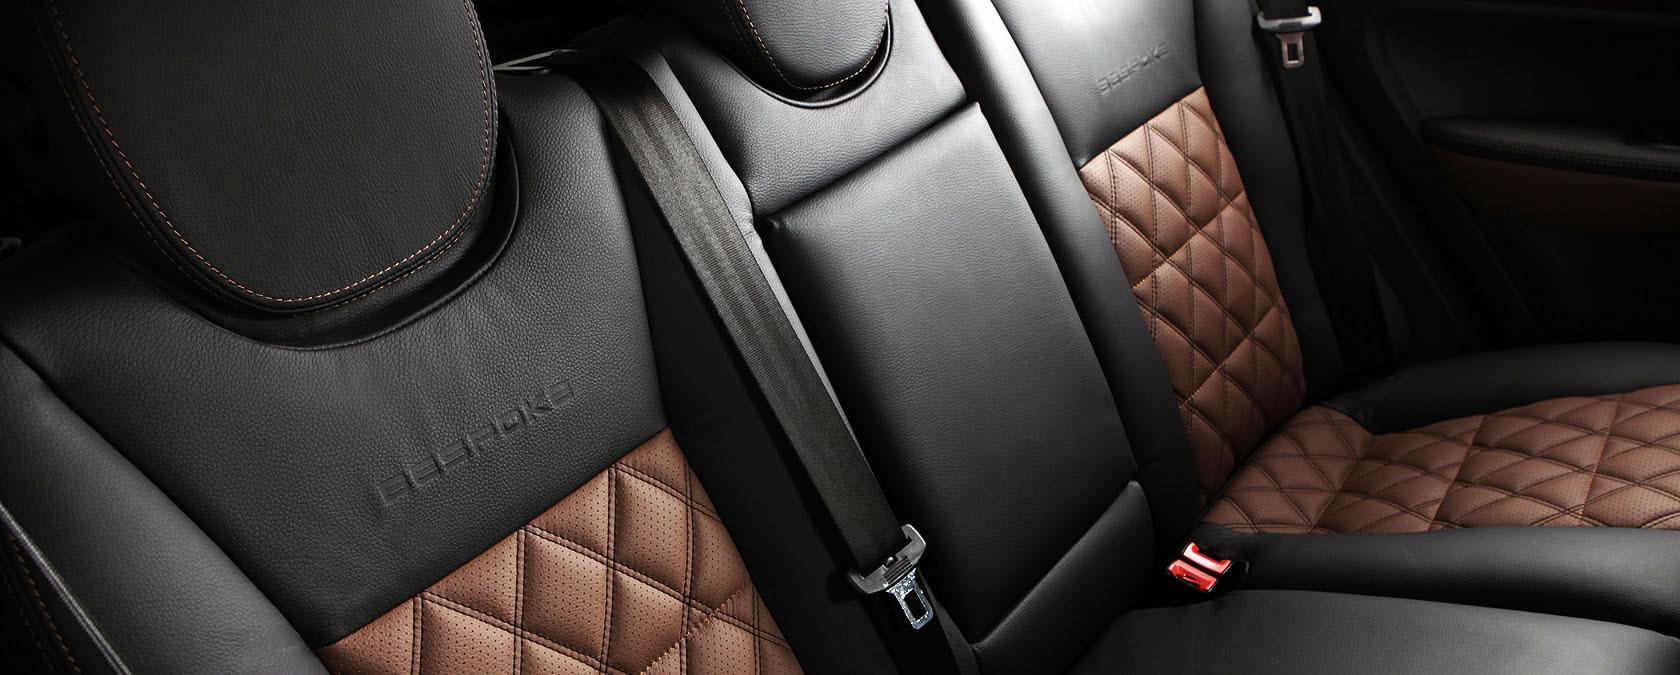 interior leather car. Black Bedroom Furniture Sets. Home Design Ideas